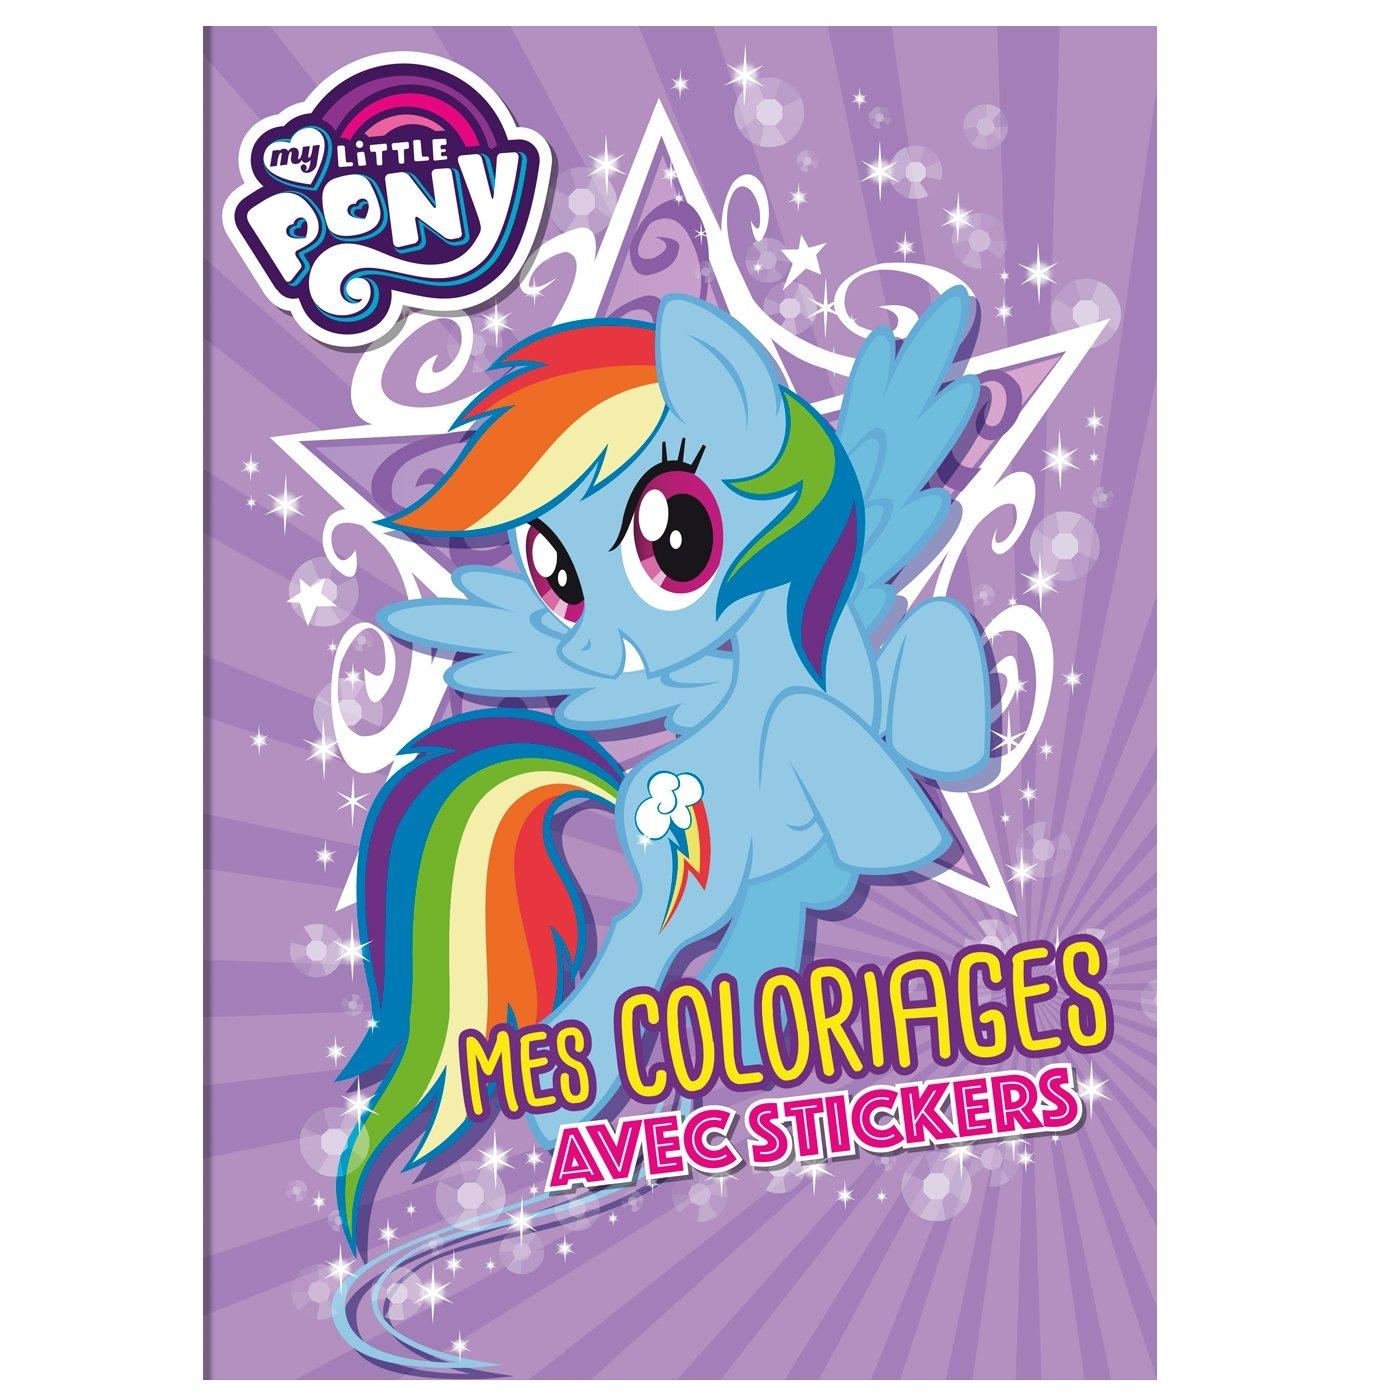 My Little Pony Movie Coloriages Avec Stickers Amazon Fr Hasbro Zabzrewska Adrianna Zmichowska Beata Guillemain Antoine Livres